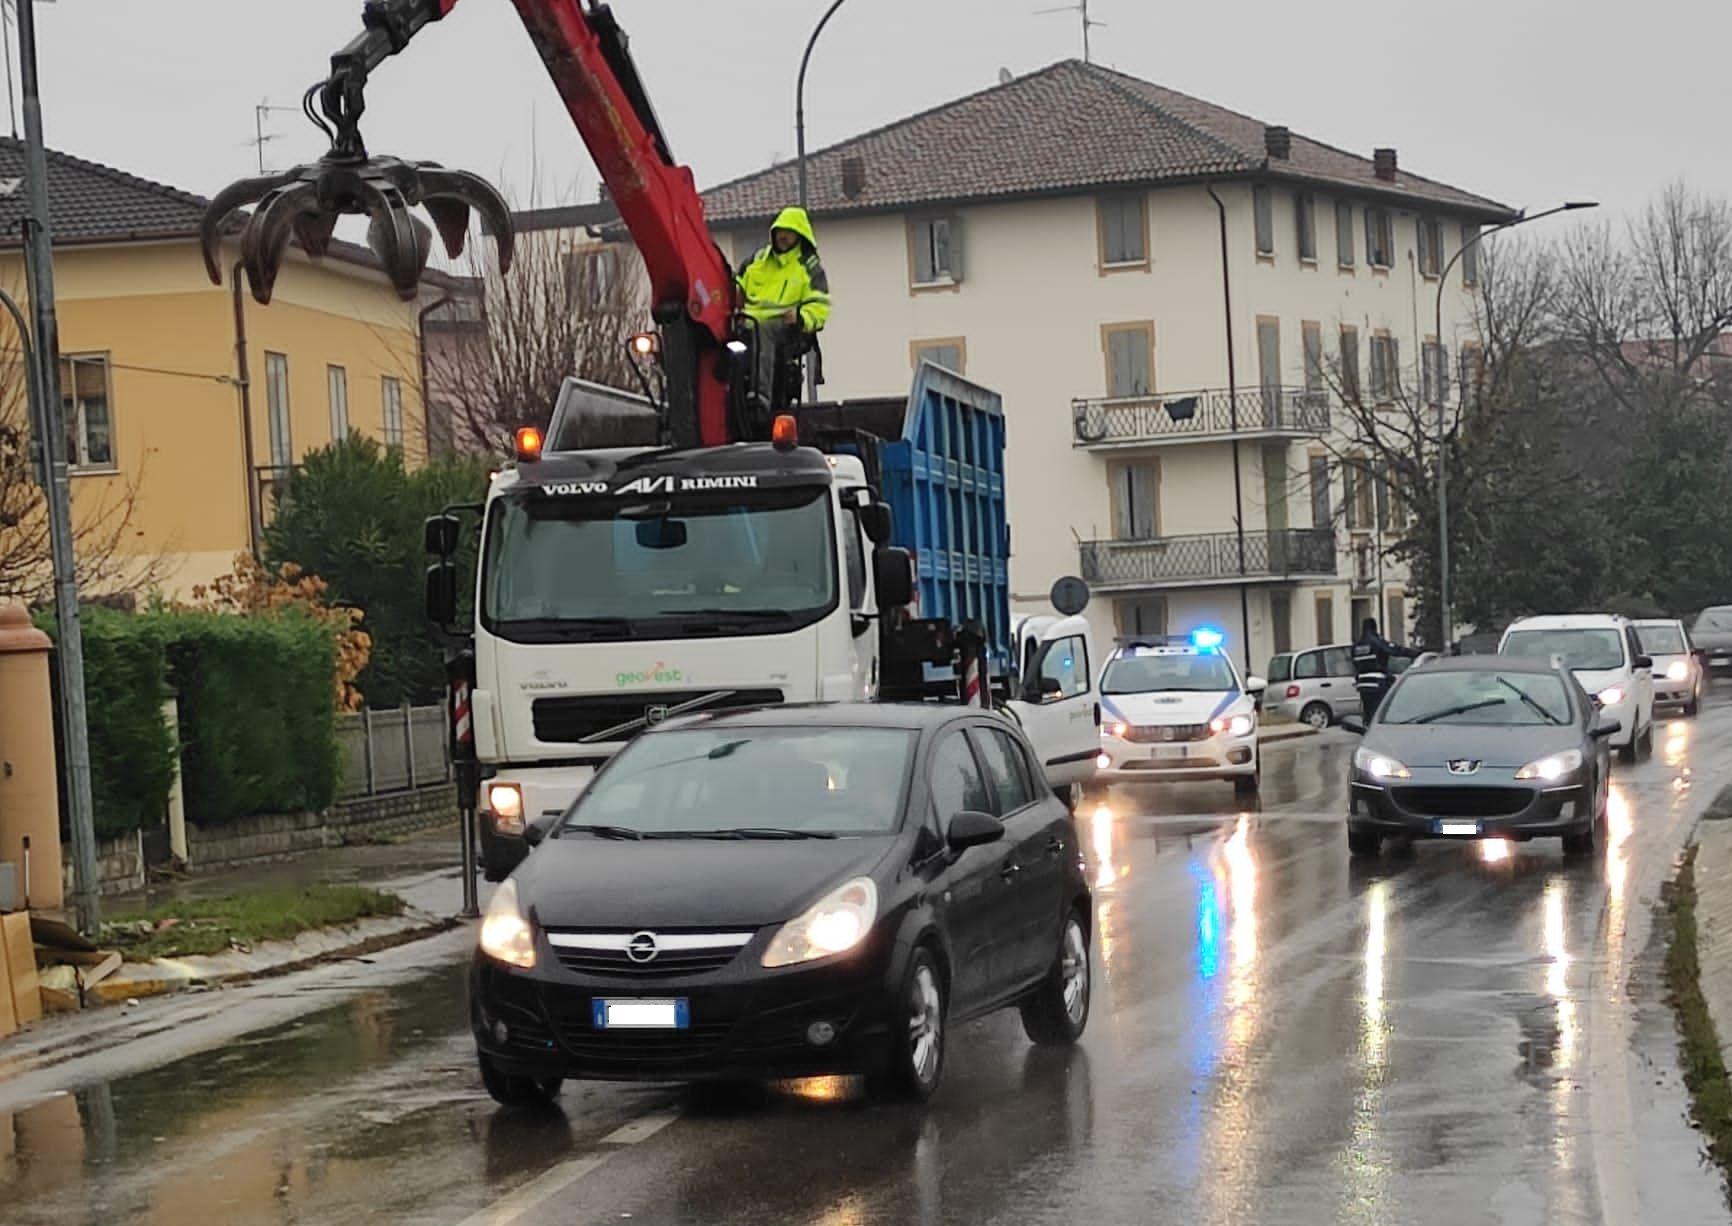 polferrara supporto mezzi operativi alluvione Modena